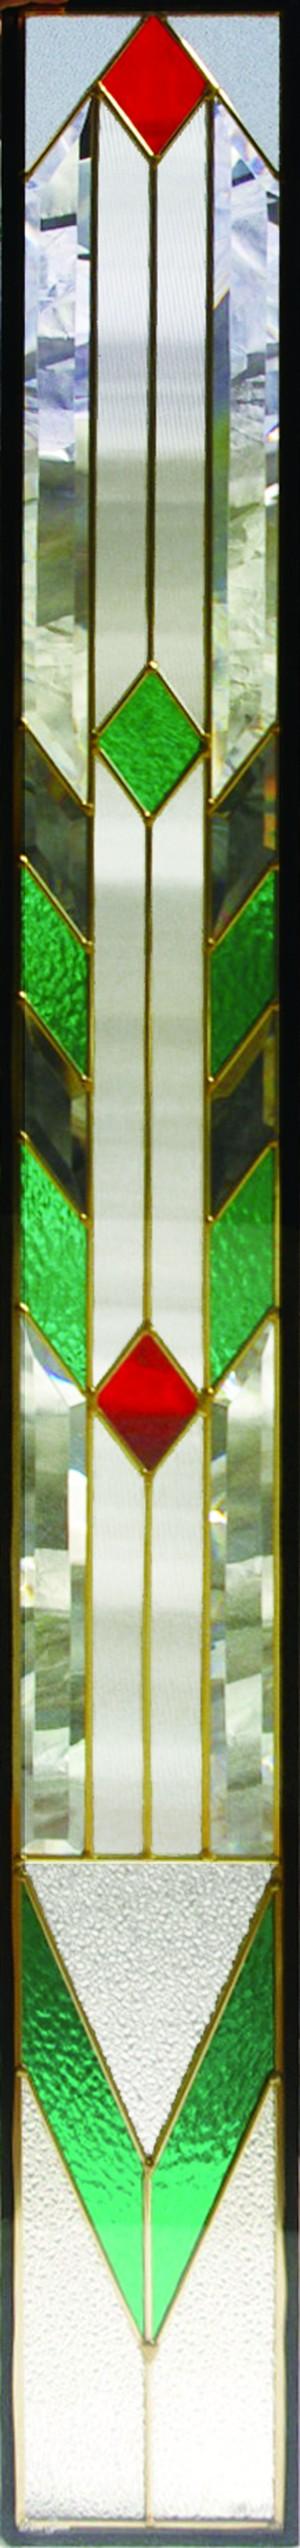 本物のステンドグラス ピュアグラス ステンドグラス (株)セブンホーム SH-J06